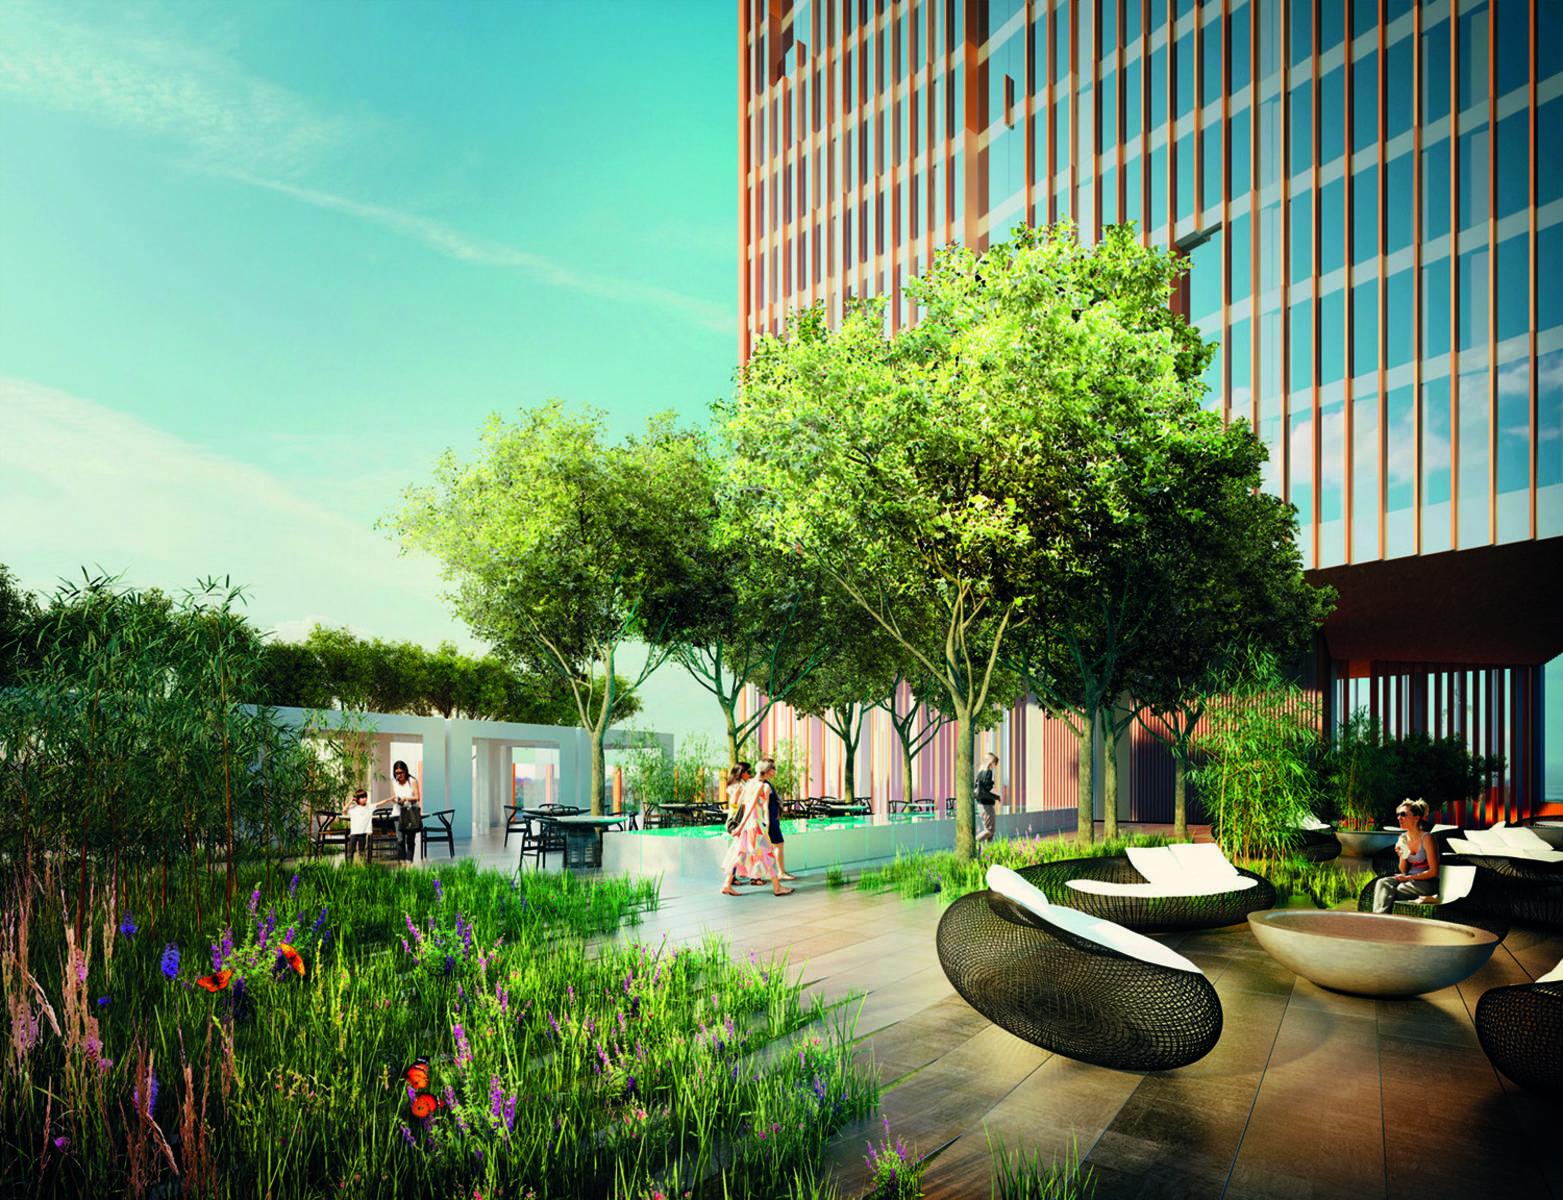 Manhattan Loft Gardens, hotel & residential development in Stratford. Garden.